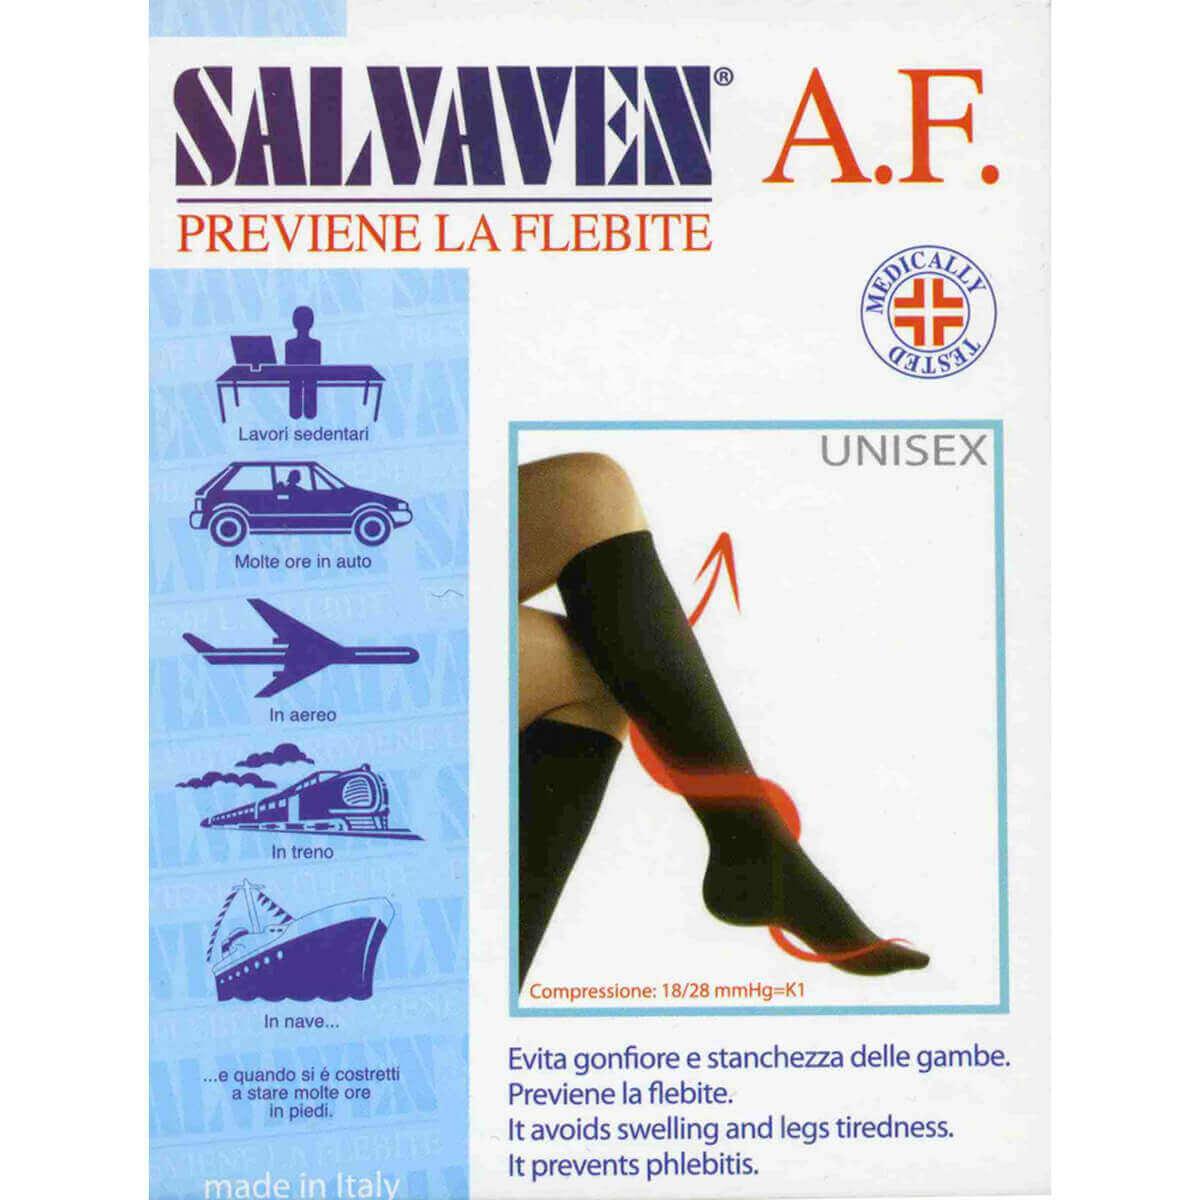 SALVAVEN CALZINO UNISEX (diversi solori e taglie) - Beige, XL